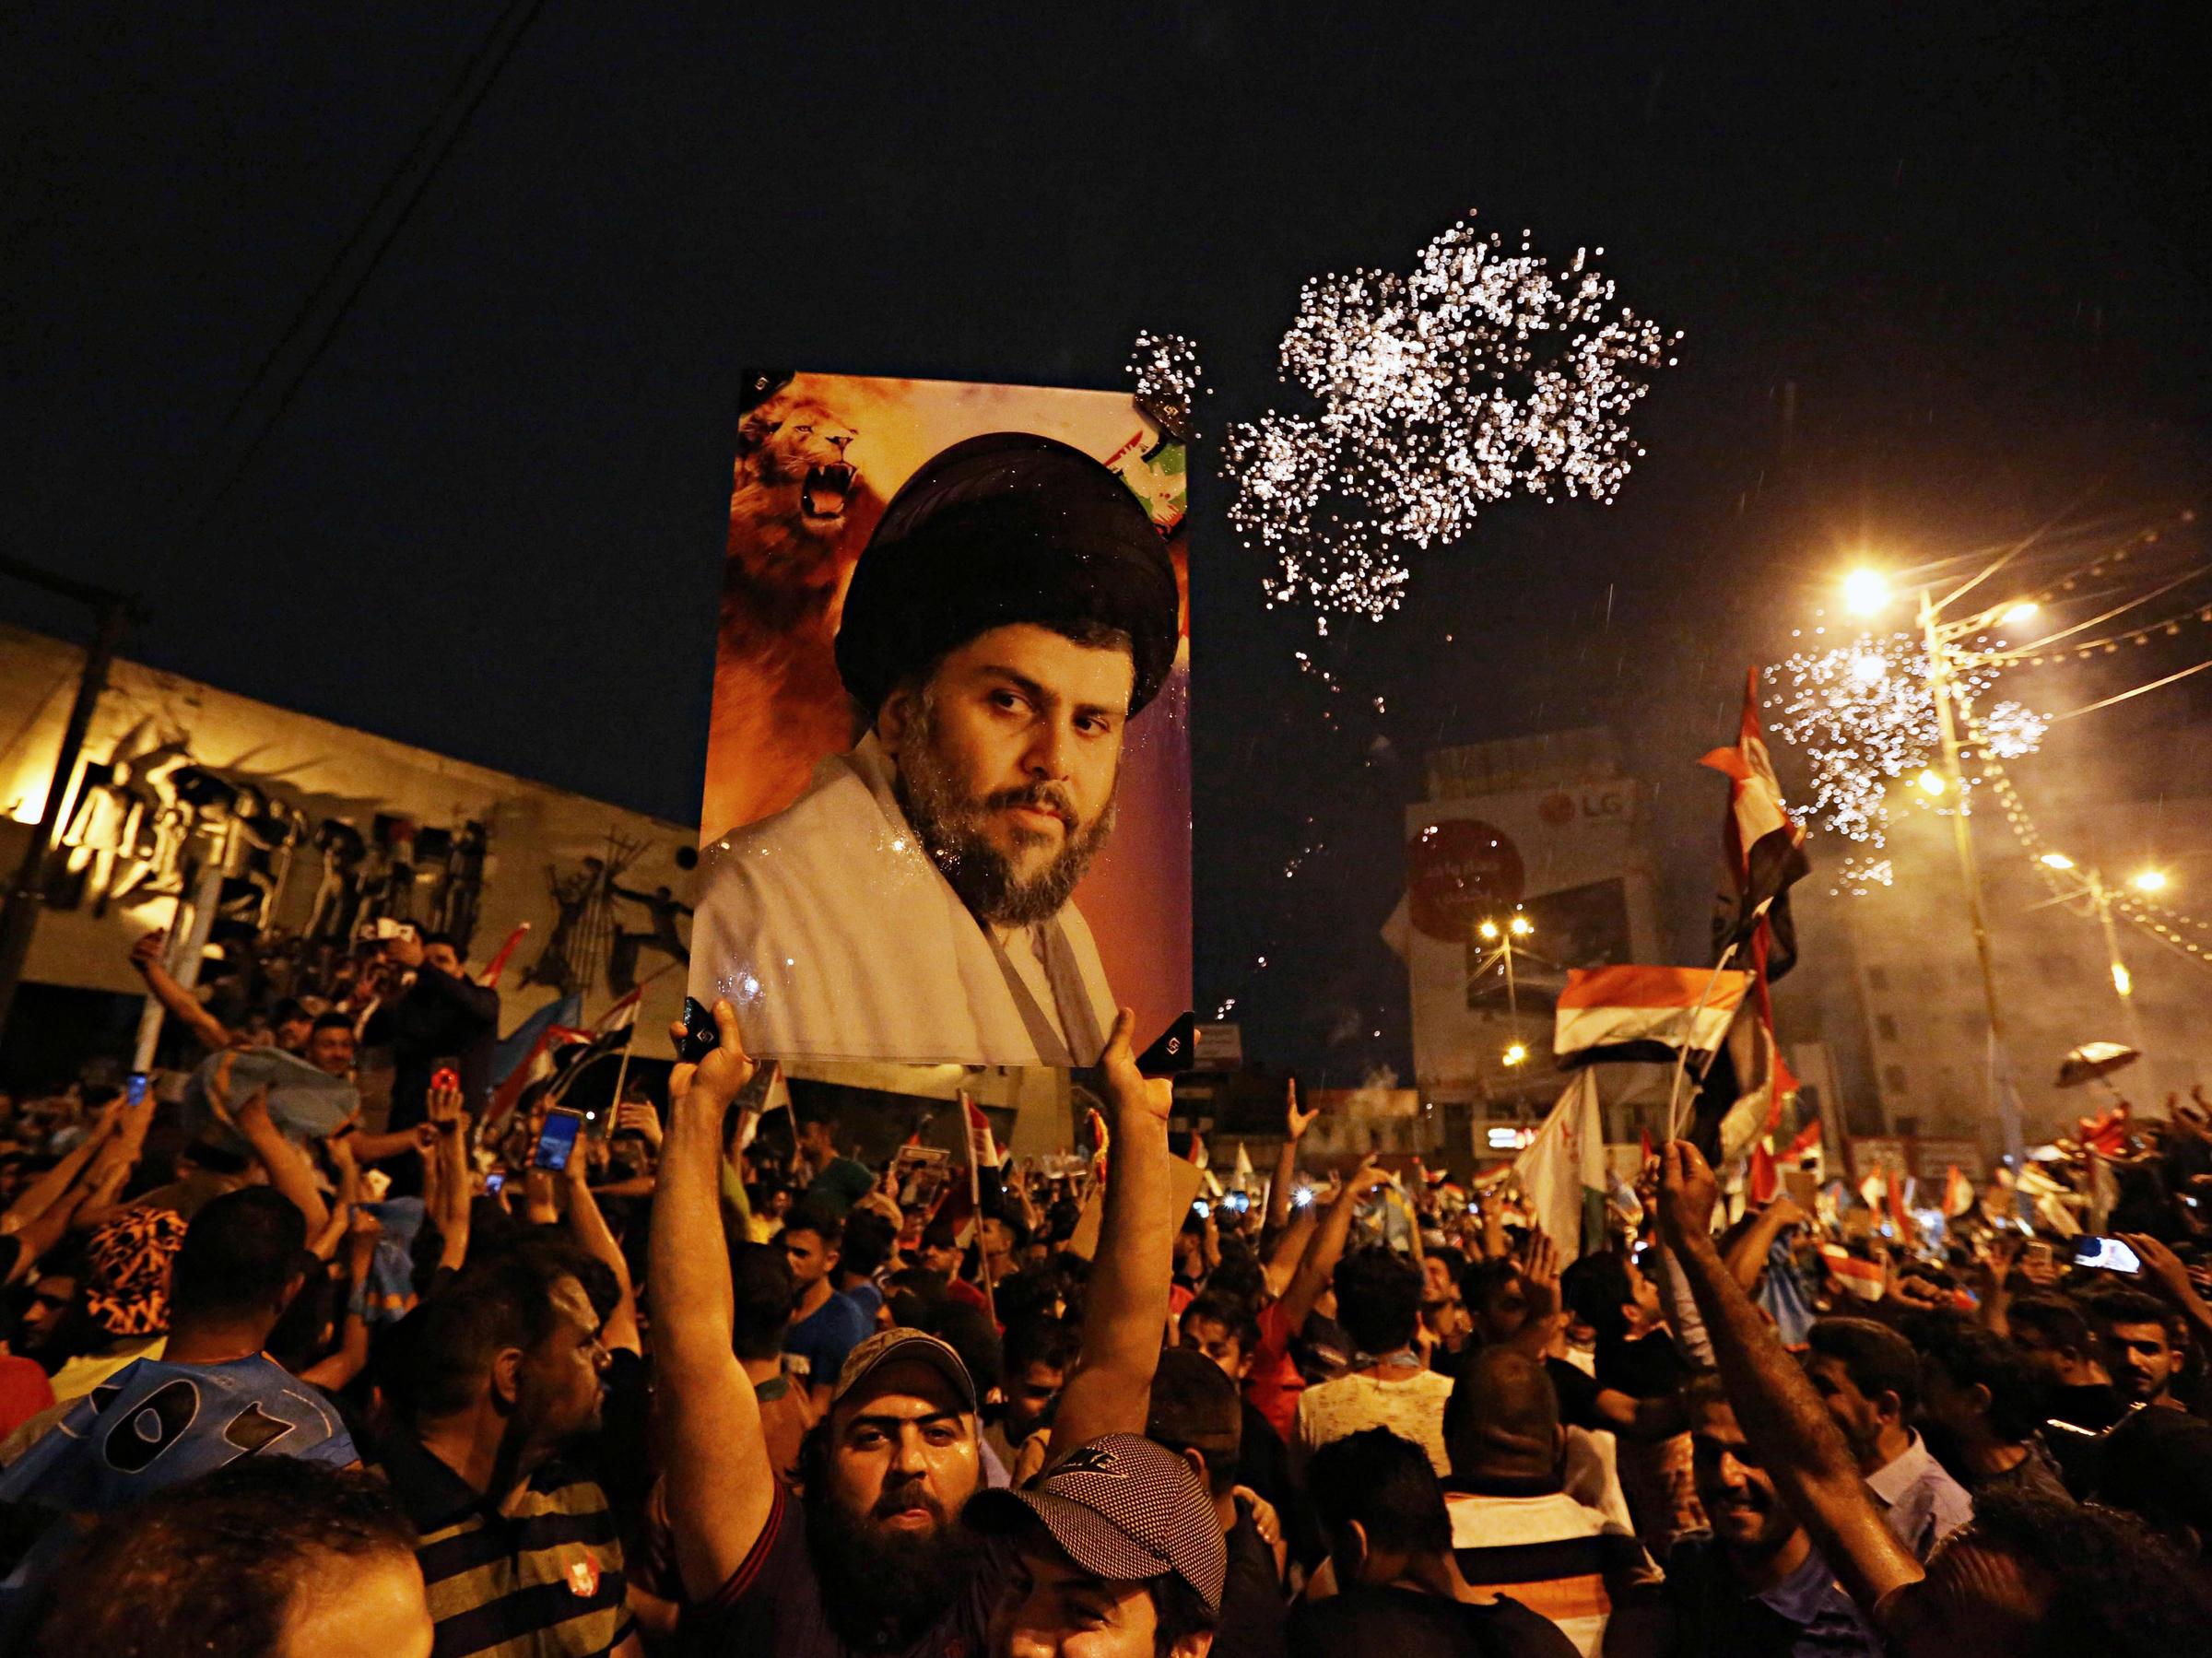 Iraq election: Shia rivals of PM Abadi 'make gains'